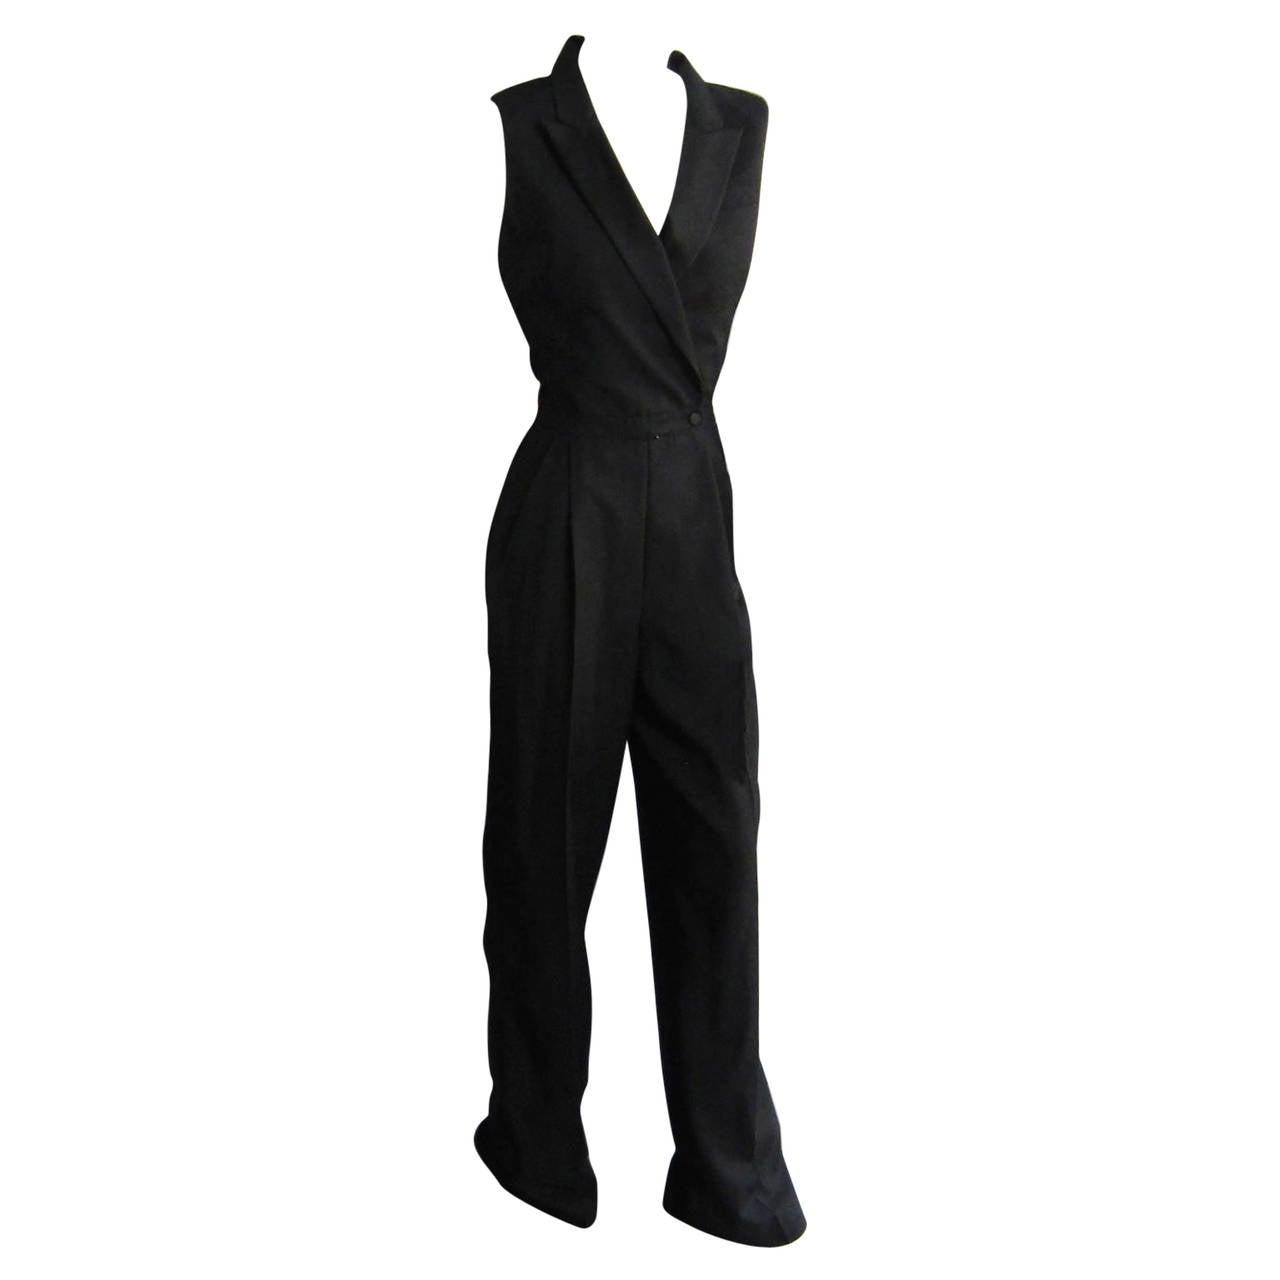 2000s ALEXANDER McQUEEN Tuxedo Jumpsuit For Sale